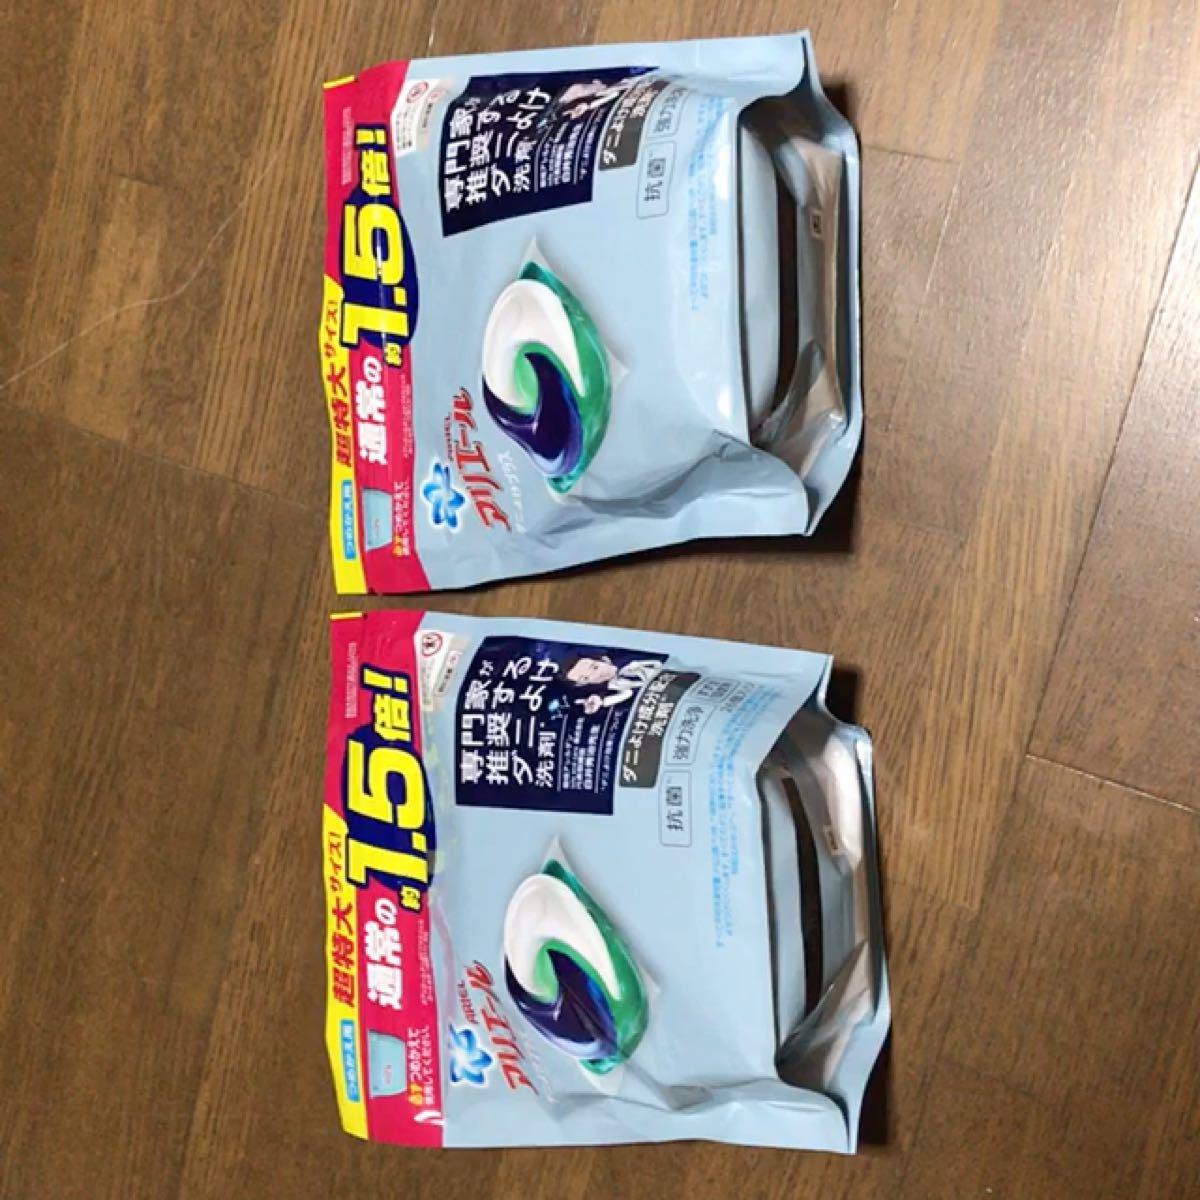 アリエール ジェルボール3D 洗濯洗剤 詰め替え P&G ダニよけプラス 26個入り 2袋